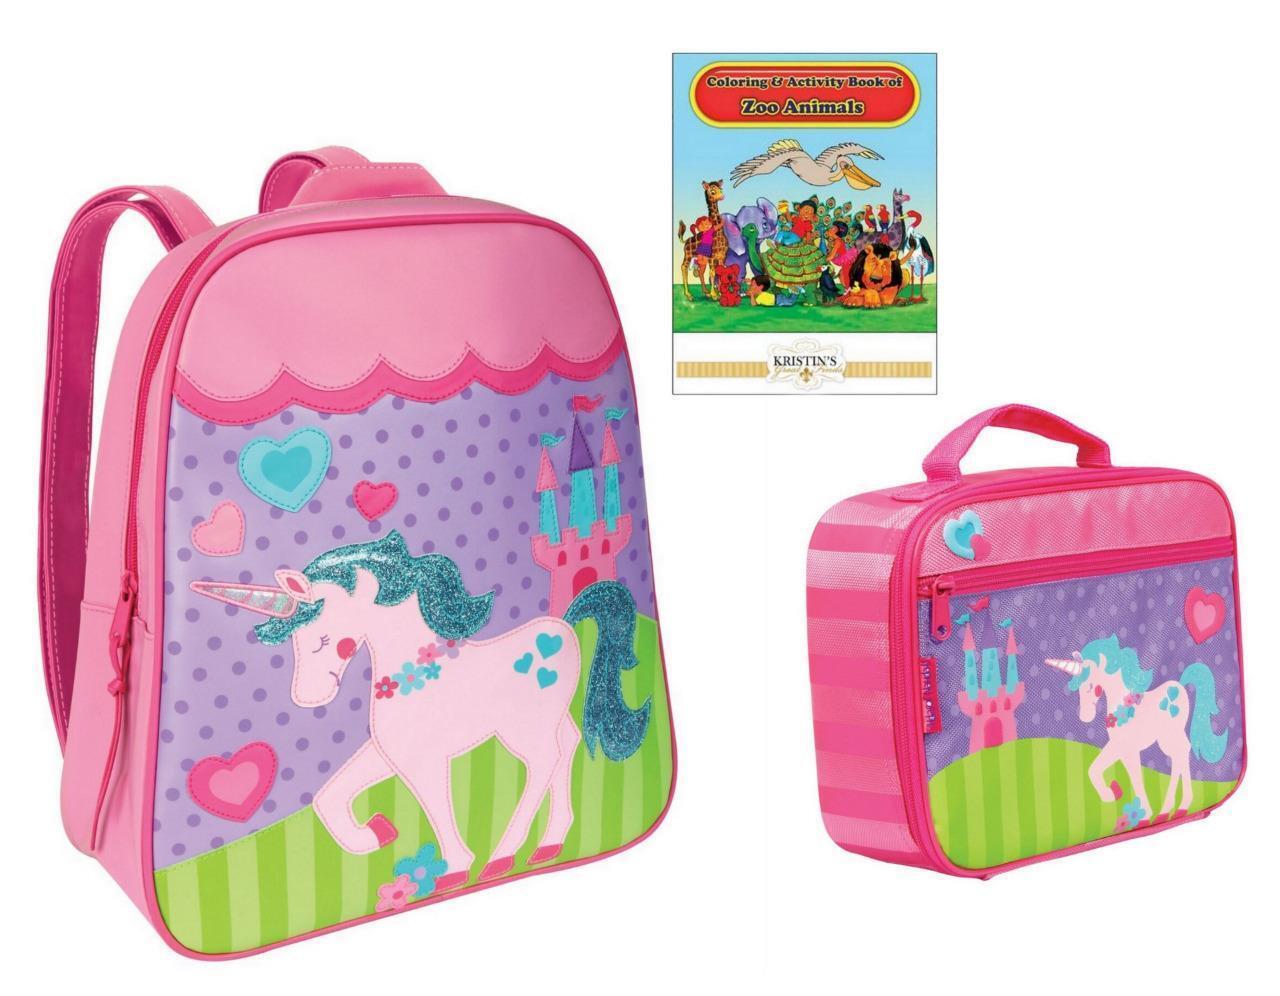 Stephen Joseph GO GO Backpack Lunch Box Set Kids Toddler Sch